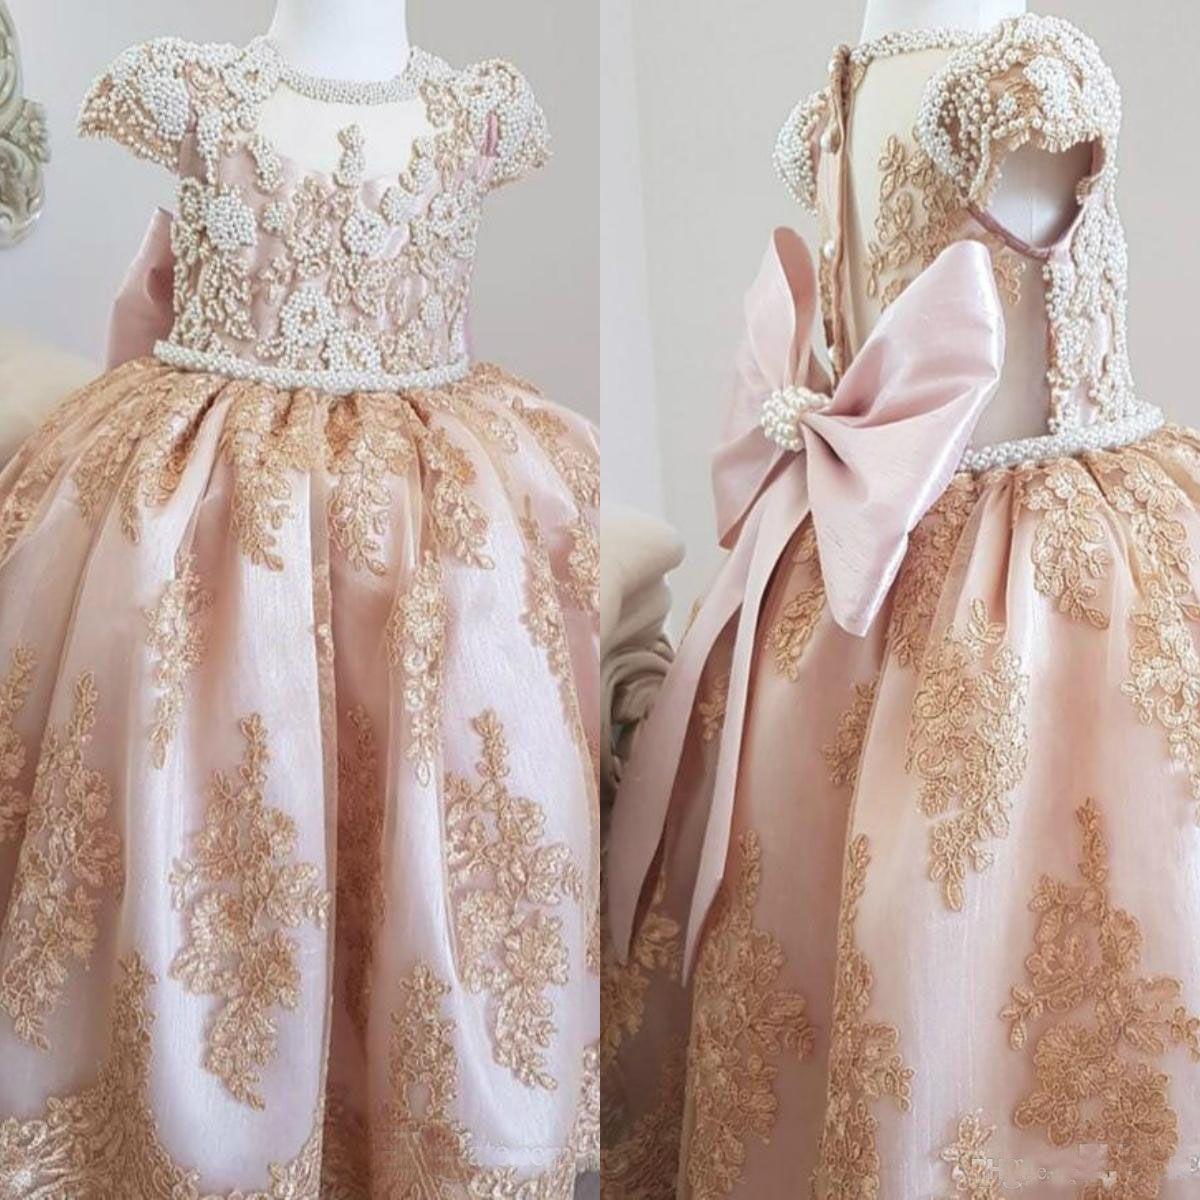 Perles de luxe perles de dentelle fleur fille robe manches petites manches petites fille mariage robes d'invité vintage pageant guiche de fête coutume